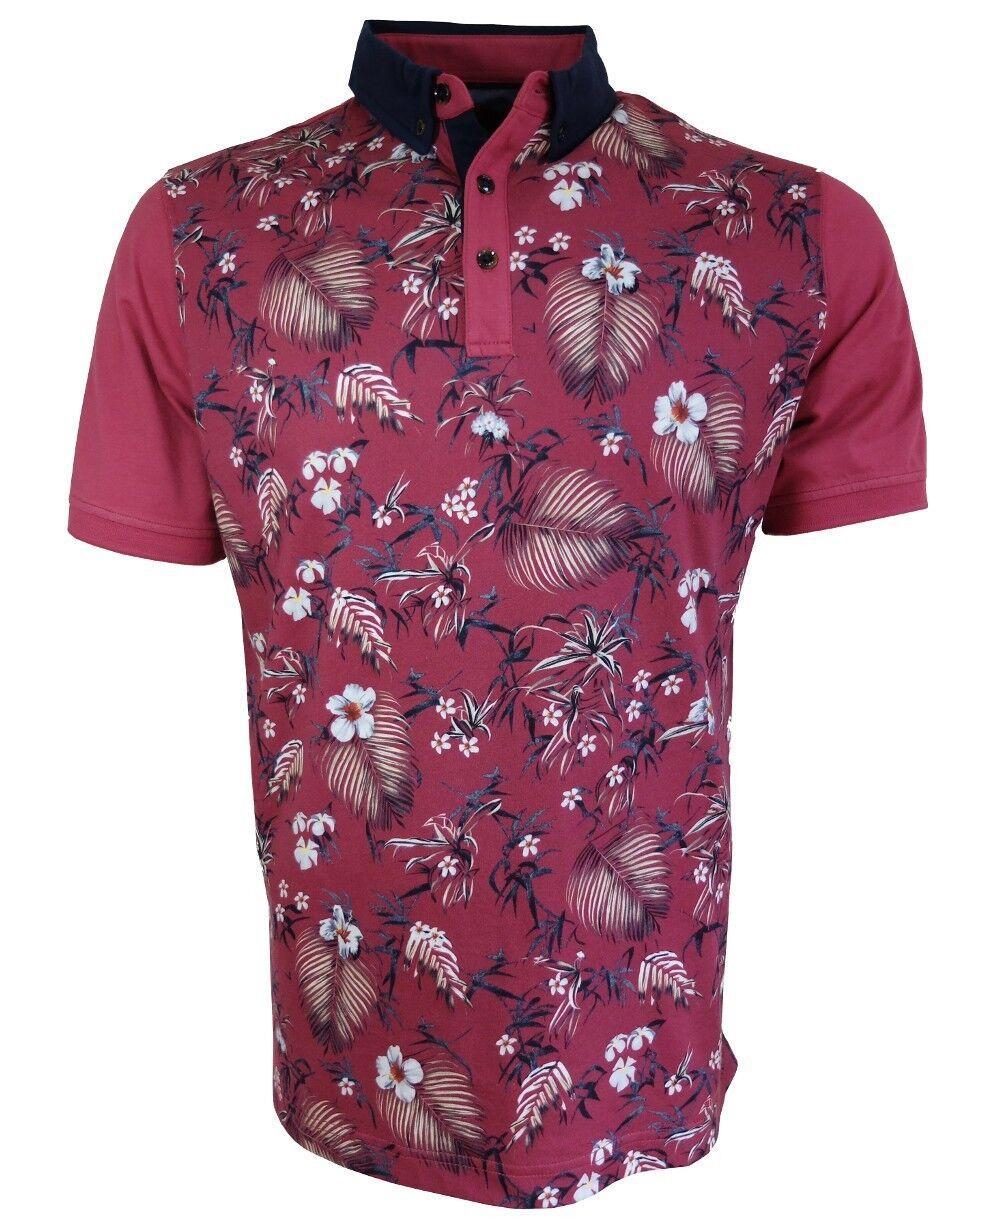 Baileys Polo Shirt Floraldessin in beere weiss blau Baumwolle Gr. M bis 3XL | Ab dem neuesten Modell